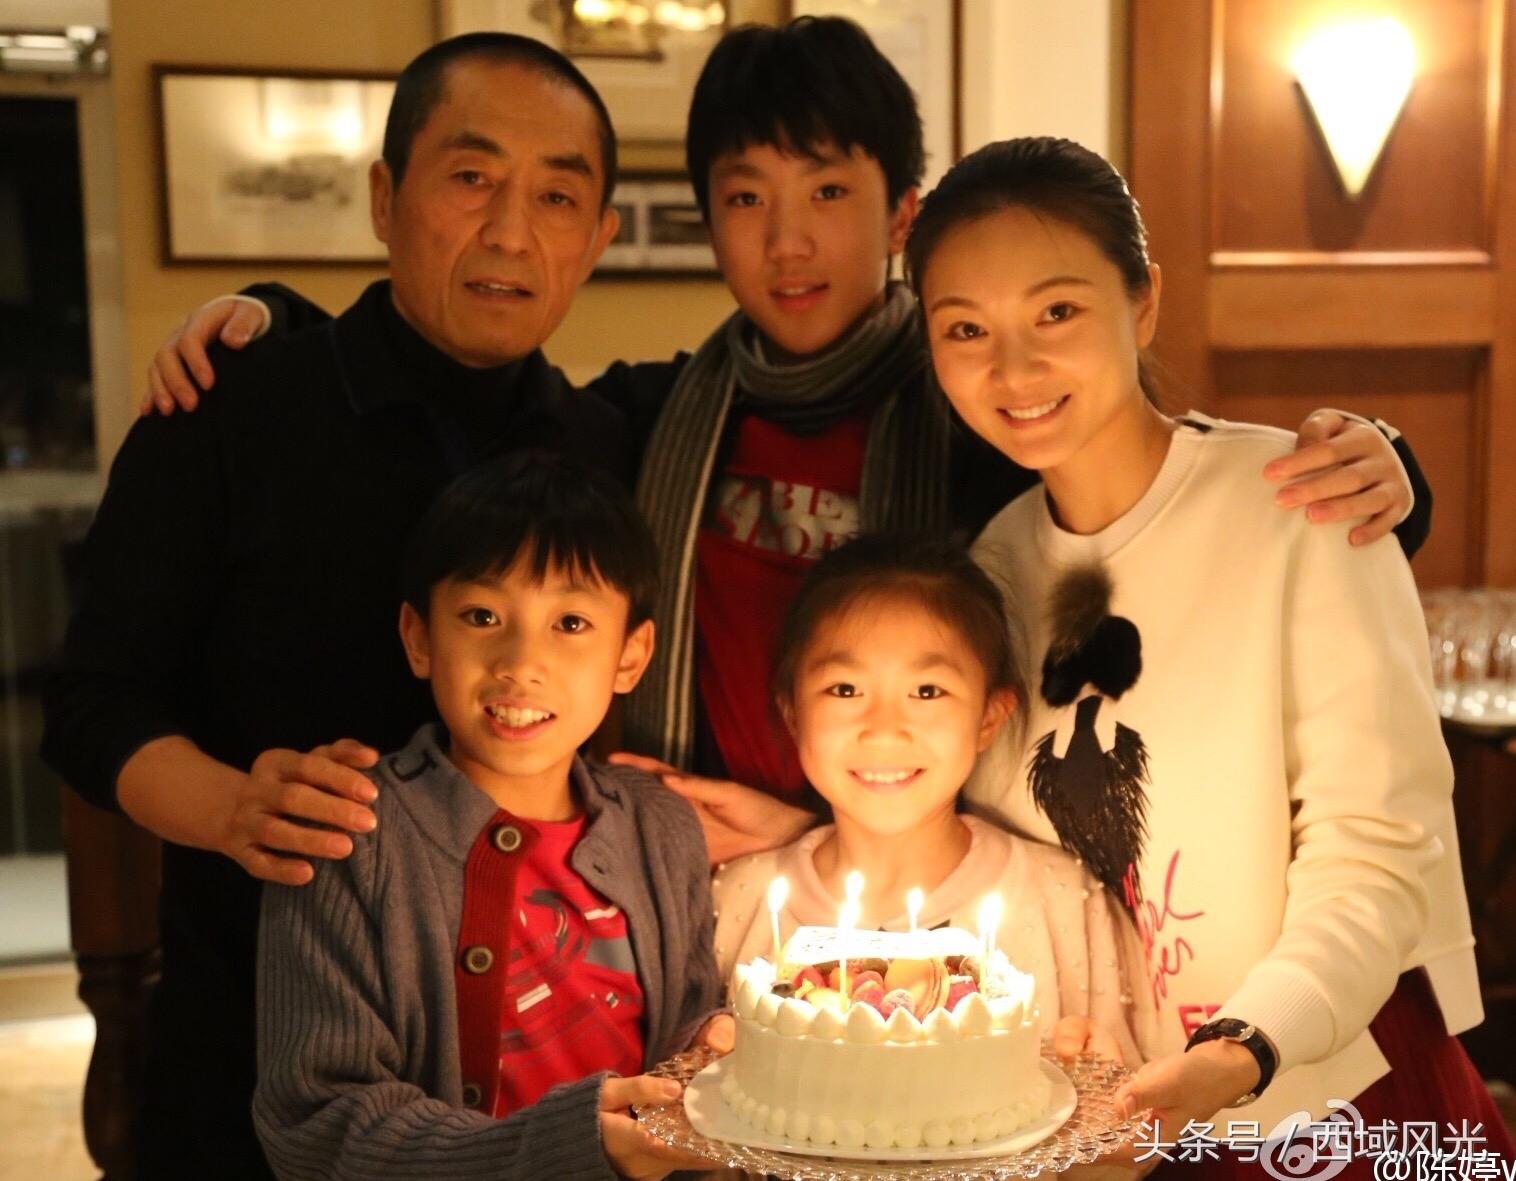 Trước Trần Đình, Trương Nghệ Mưu từng có một đời vợ và một con gái nay đã 35 tuổi. Ông ly hôn người vợ đầu vì nảy sinh tình cảm với minh tinh Củng Lợi, nhưng sau cùng, cặp bài trùng ăn ý trong điện ảnh này cũng không đến được với nhau.